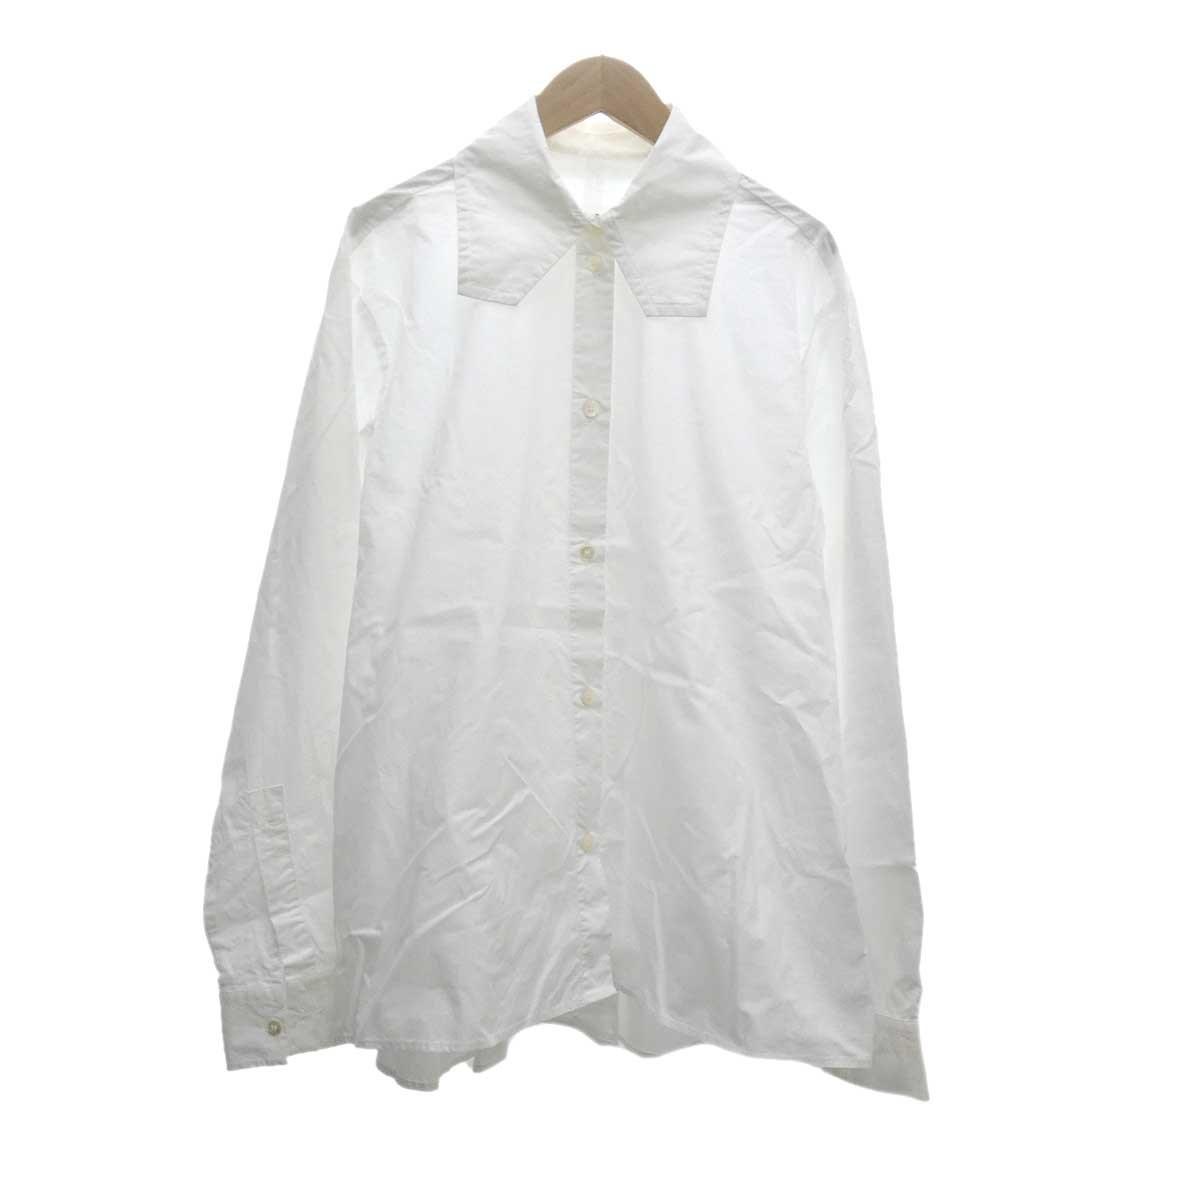 【中古】MM6 ワイドシャツ 2019SS ホワイト サイズ:40 【101019】(マルタンマルジェラ)